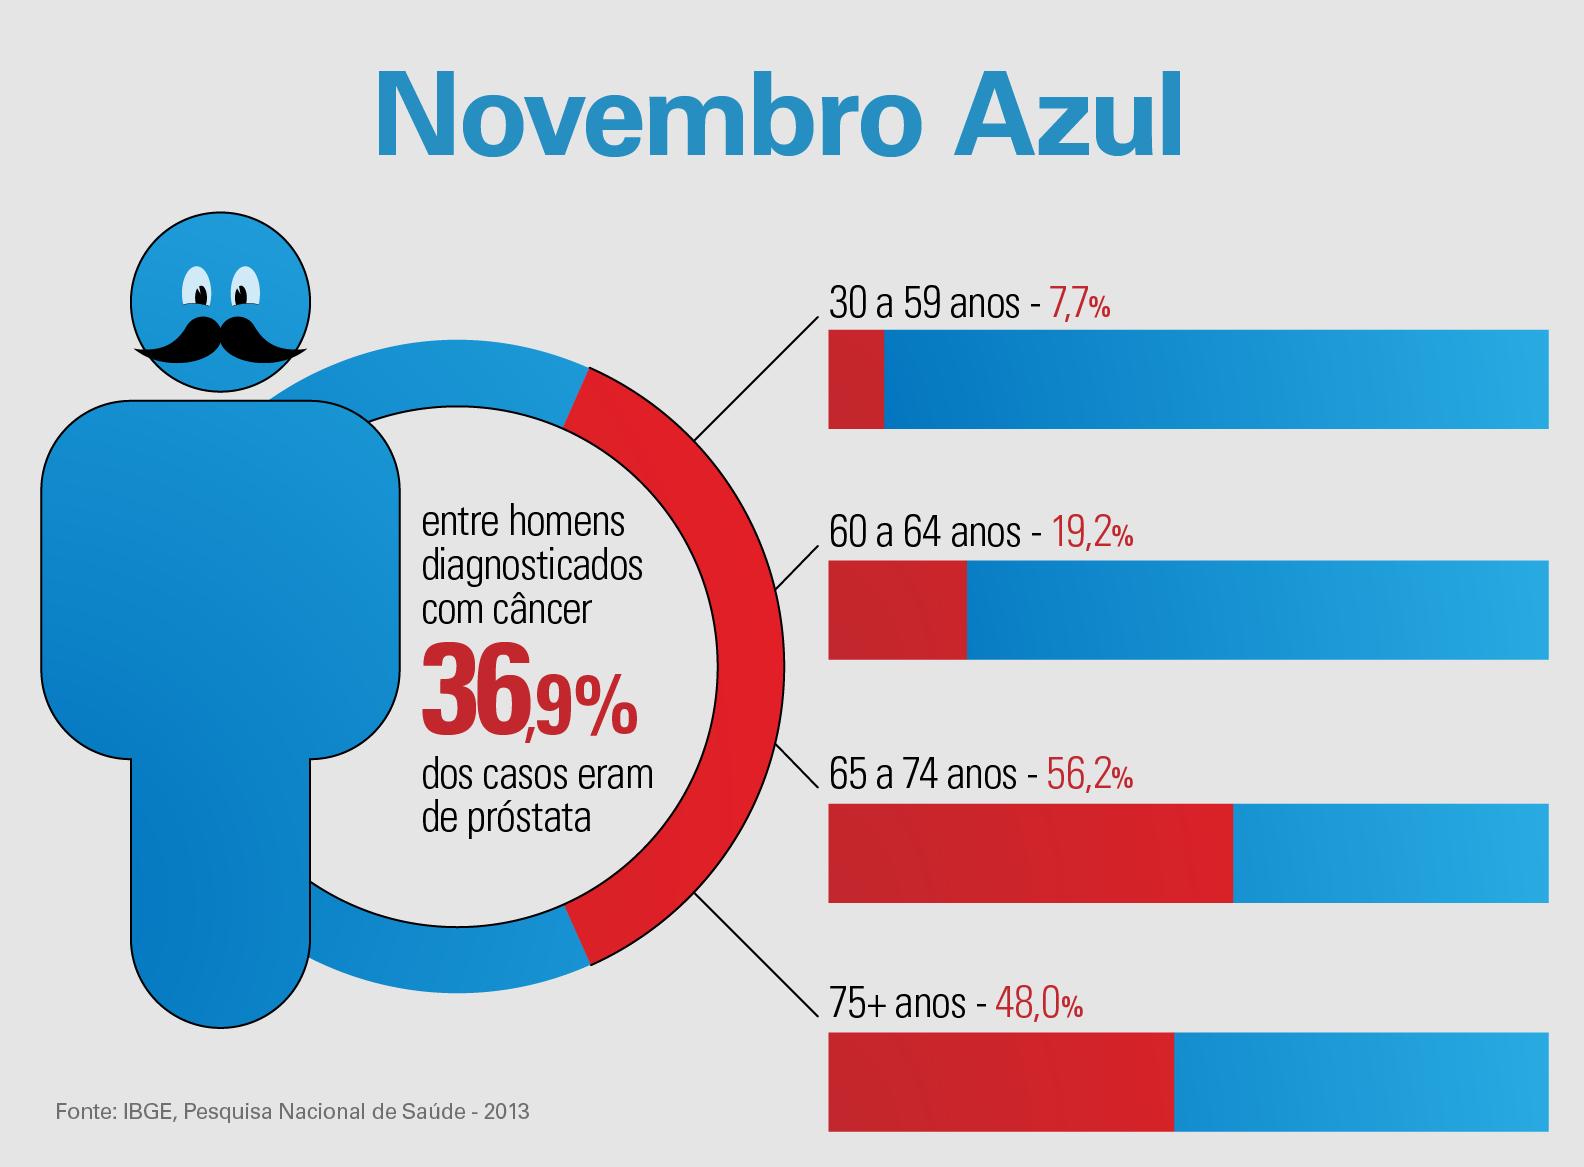 #PraCegoVer ilustração de homem azul com bigode preto.  ao lado gráfico de pizza com 36,9% destacado em vermelho e ao lado gráficos de barras representando homens com diagnóstico de próstata dividido por faixa etária